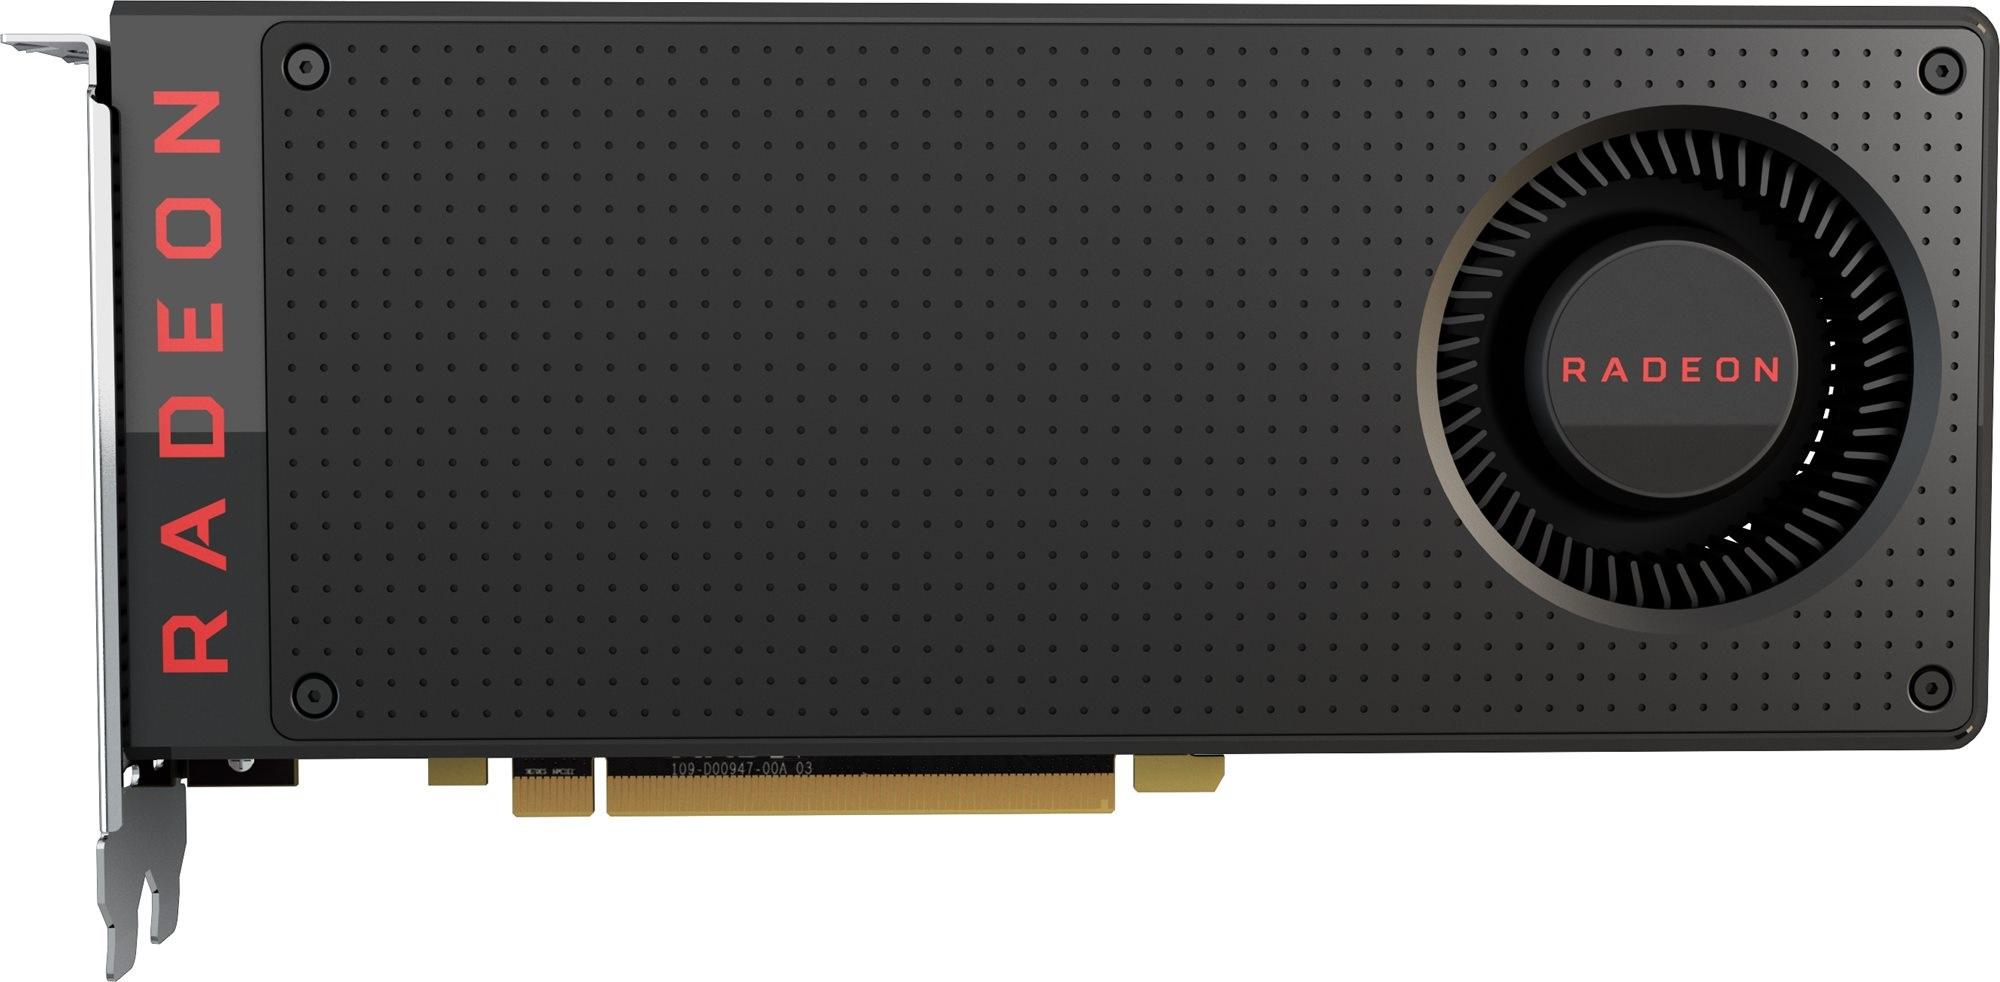 AMD představilo novou grafickou kartu Radeon RX 480